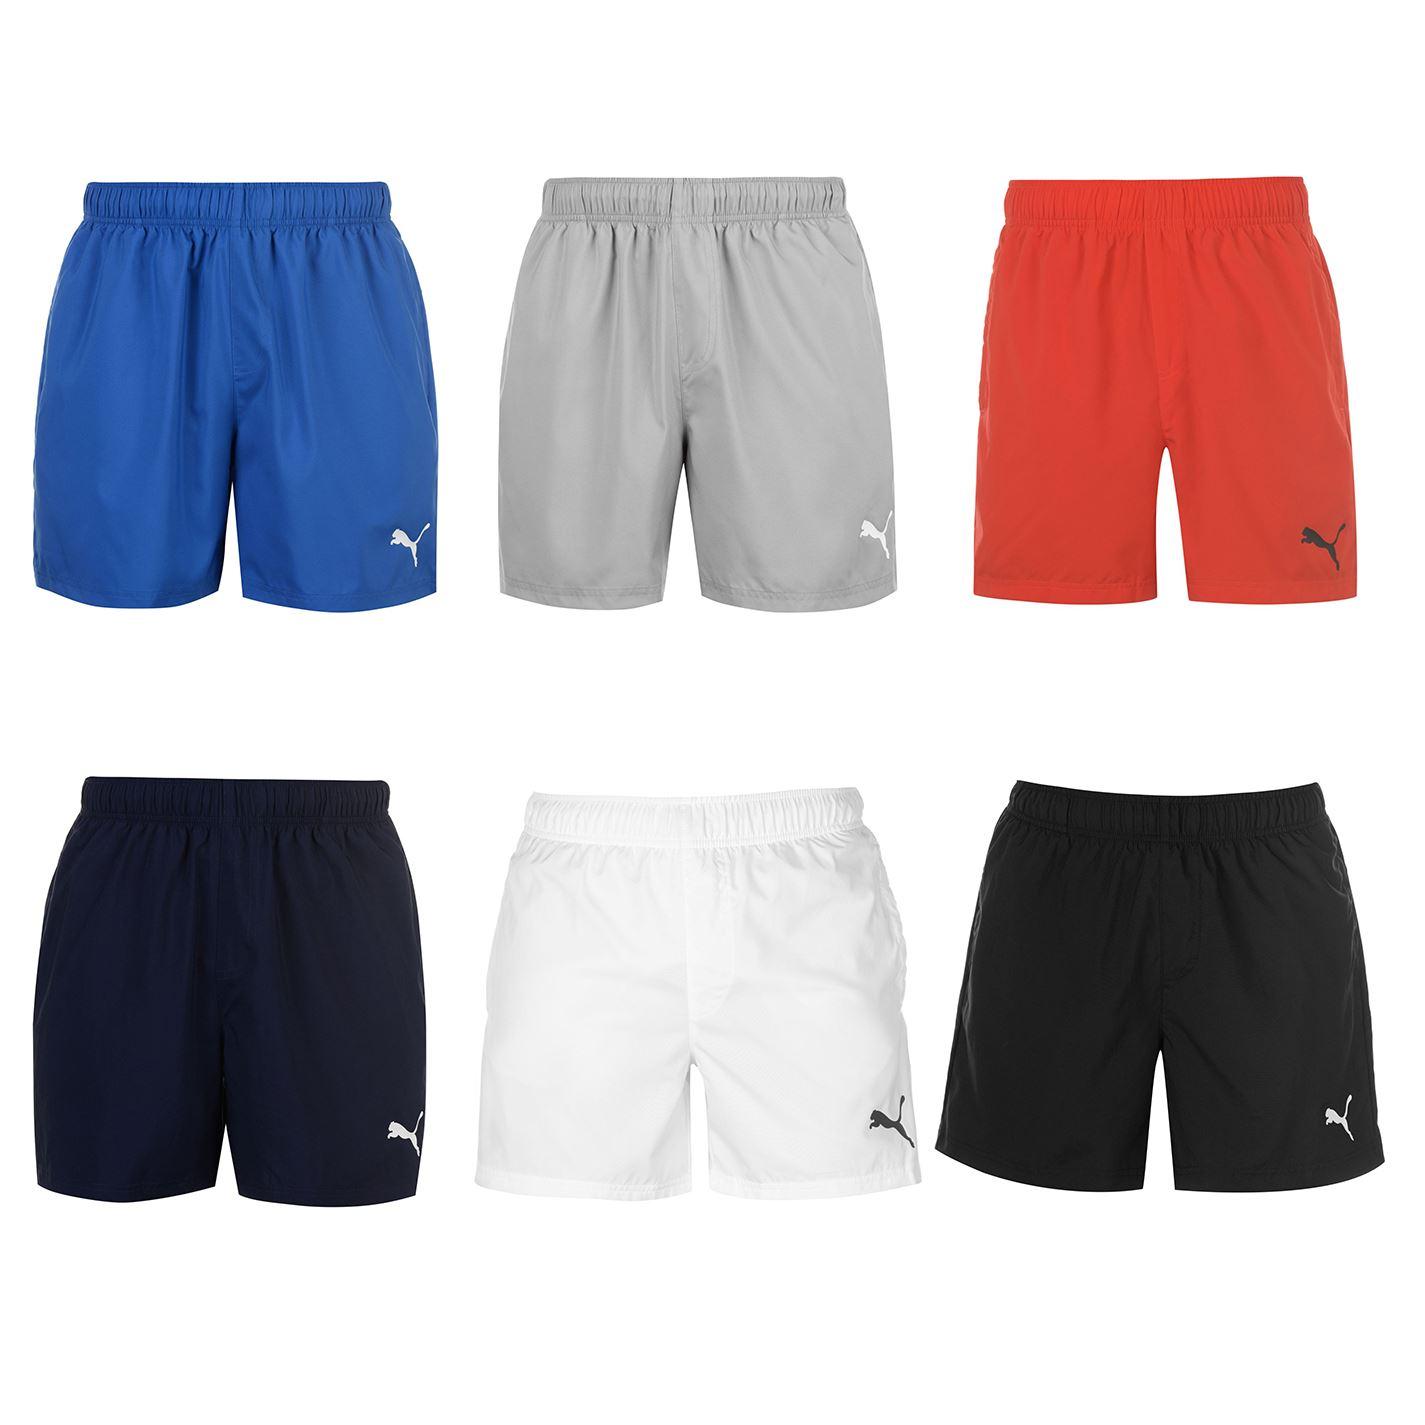 Puma Lega Pantaloncini Uomo Pantaloni di Jersey Sportivi Corto Tutti Colori